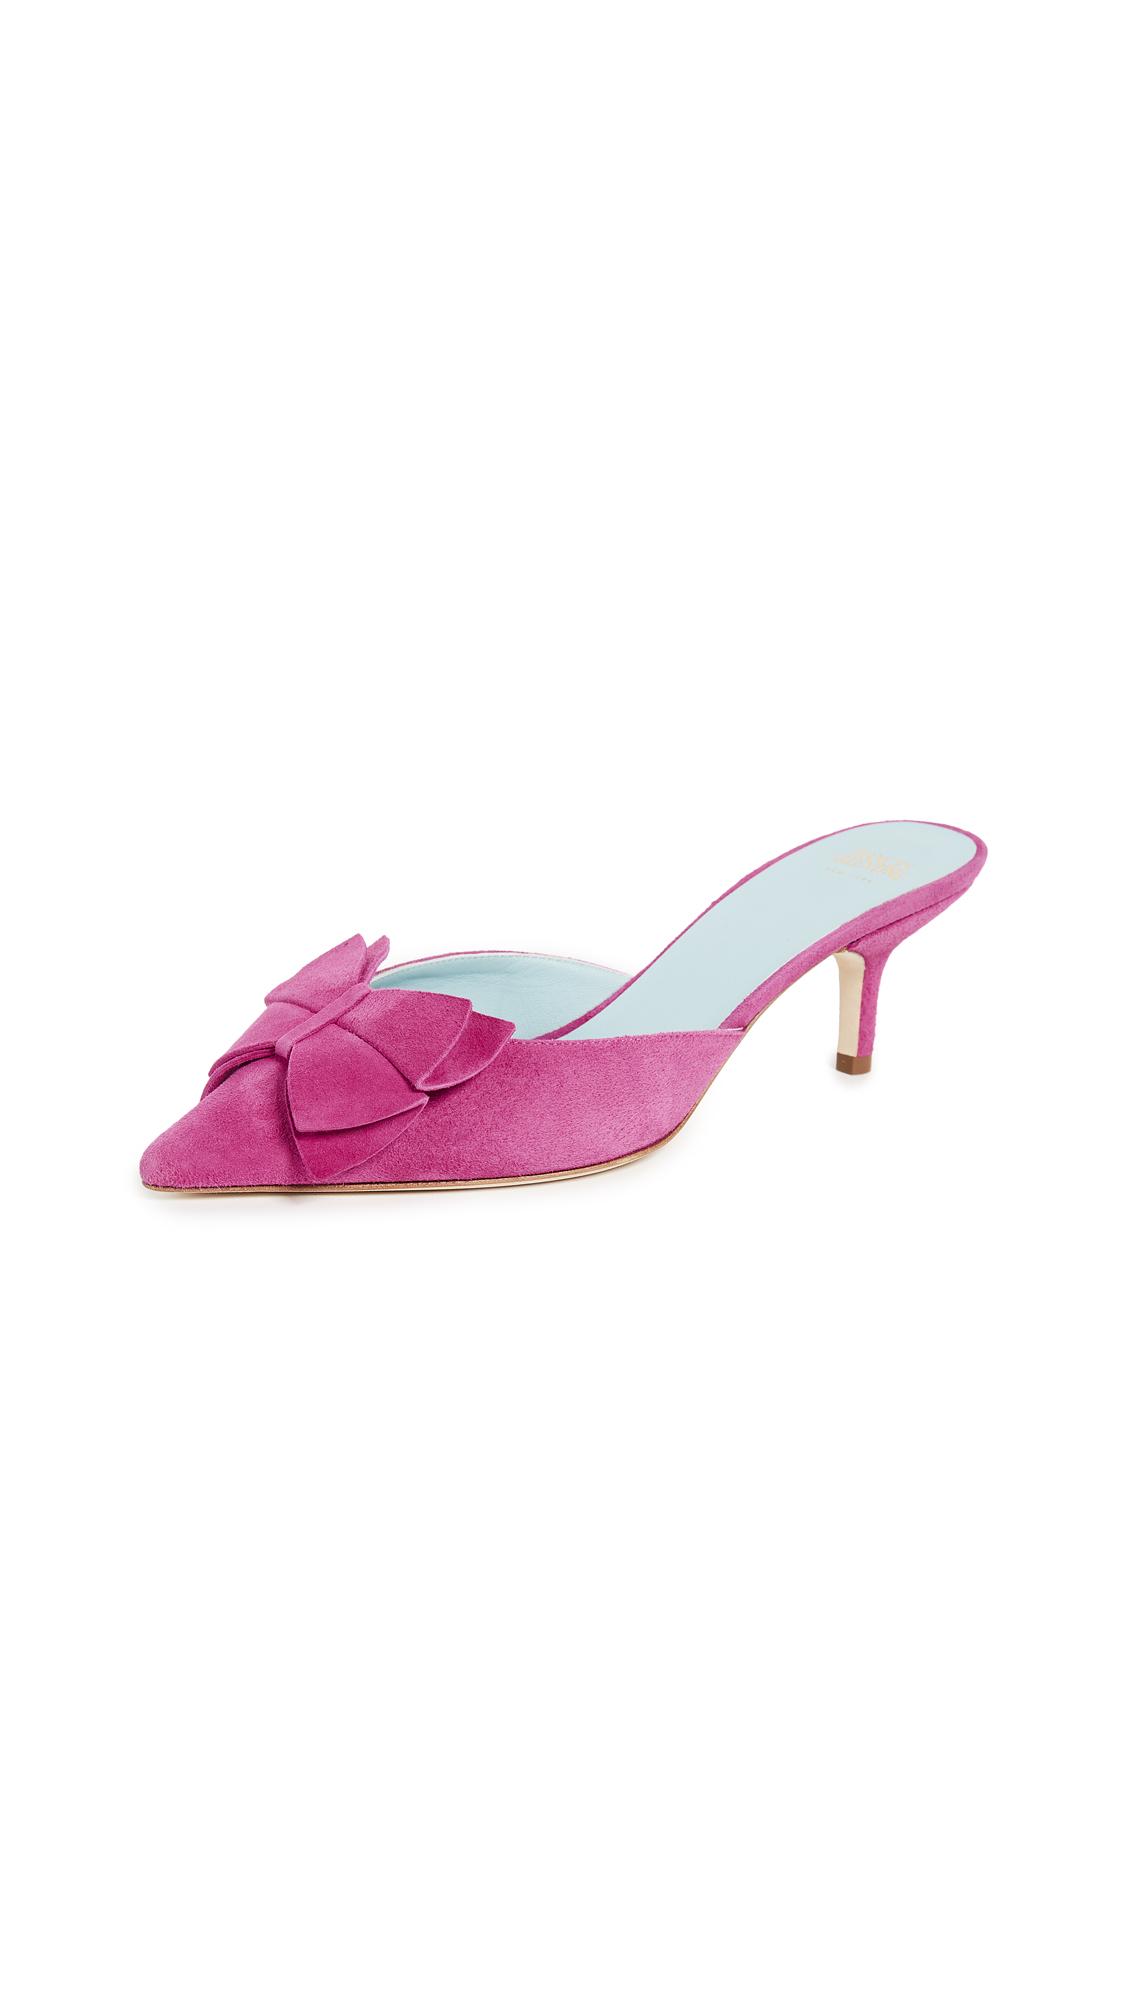 Frances Valentine Gigi Bow Mule - Shock Pink